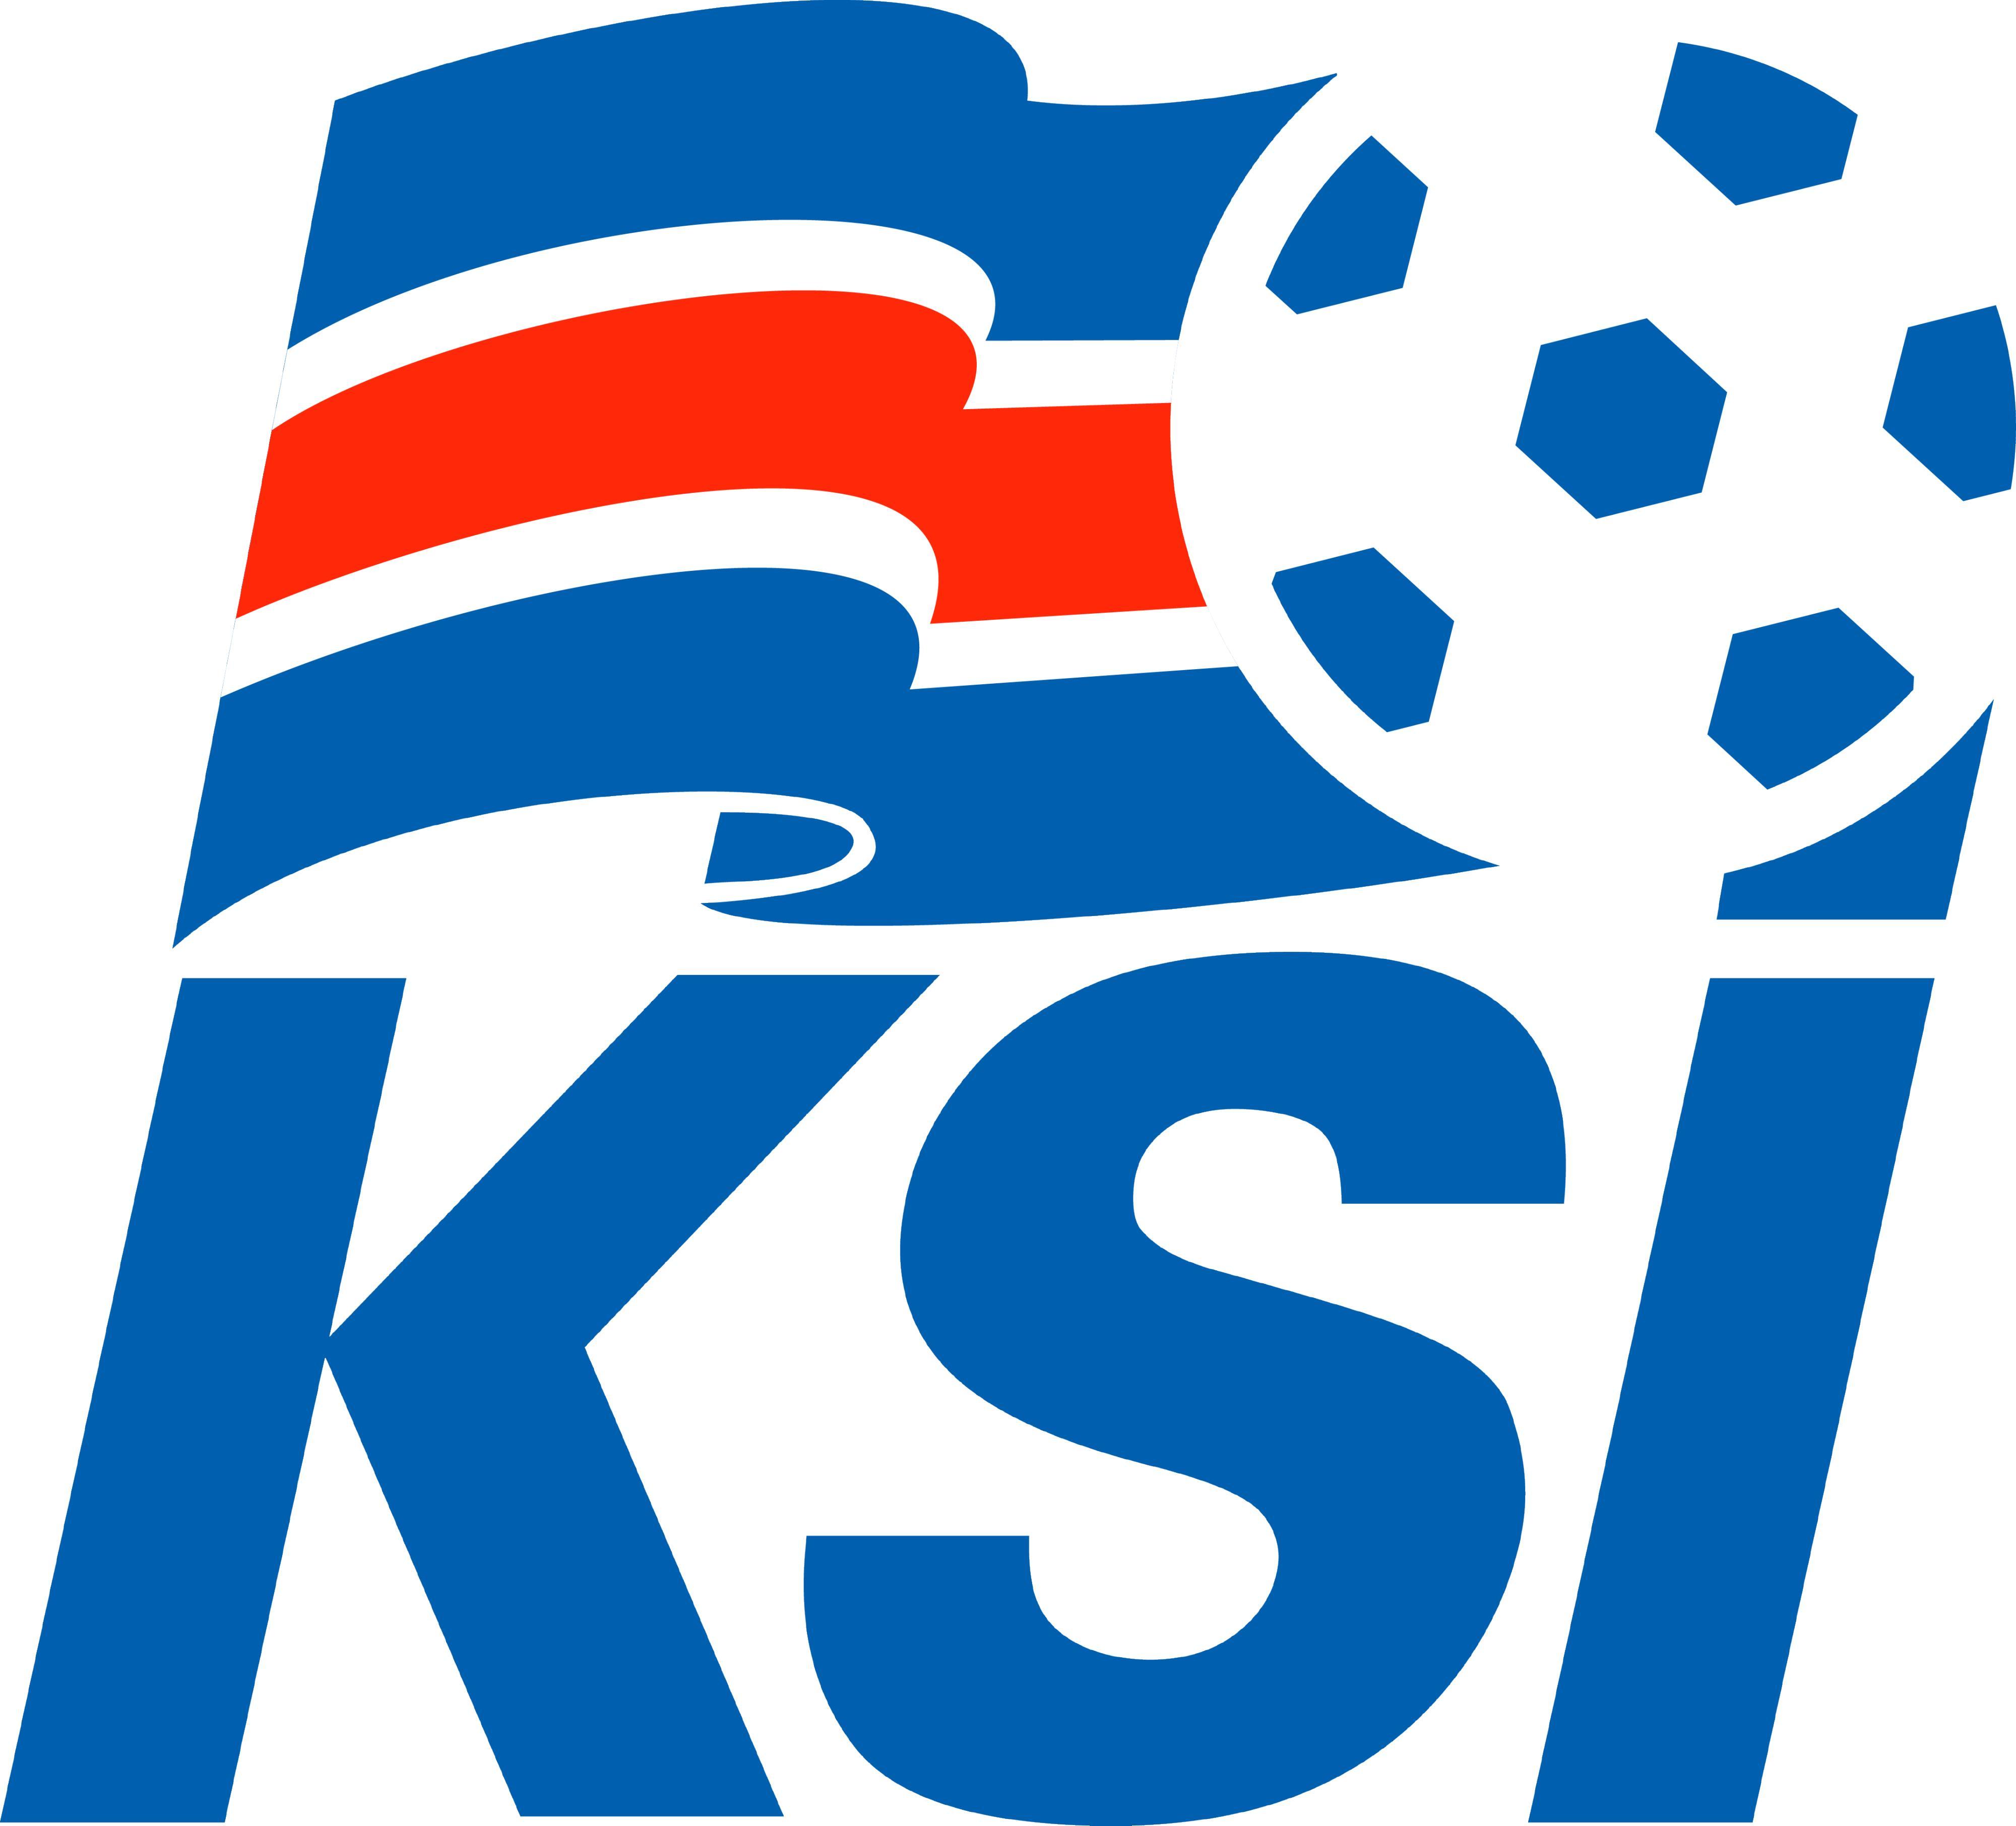 logo logo 标志 设计 矢量 矢量图 素材 图标 4000_3624